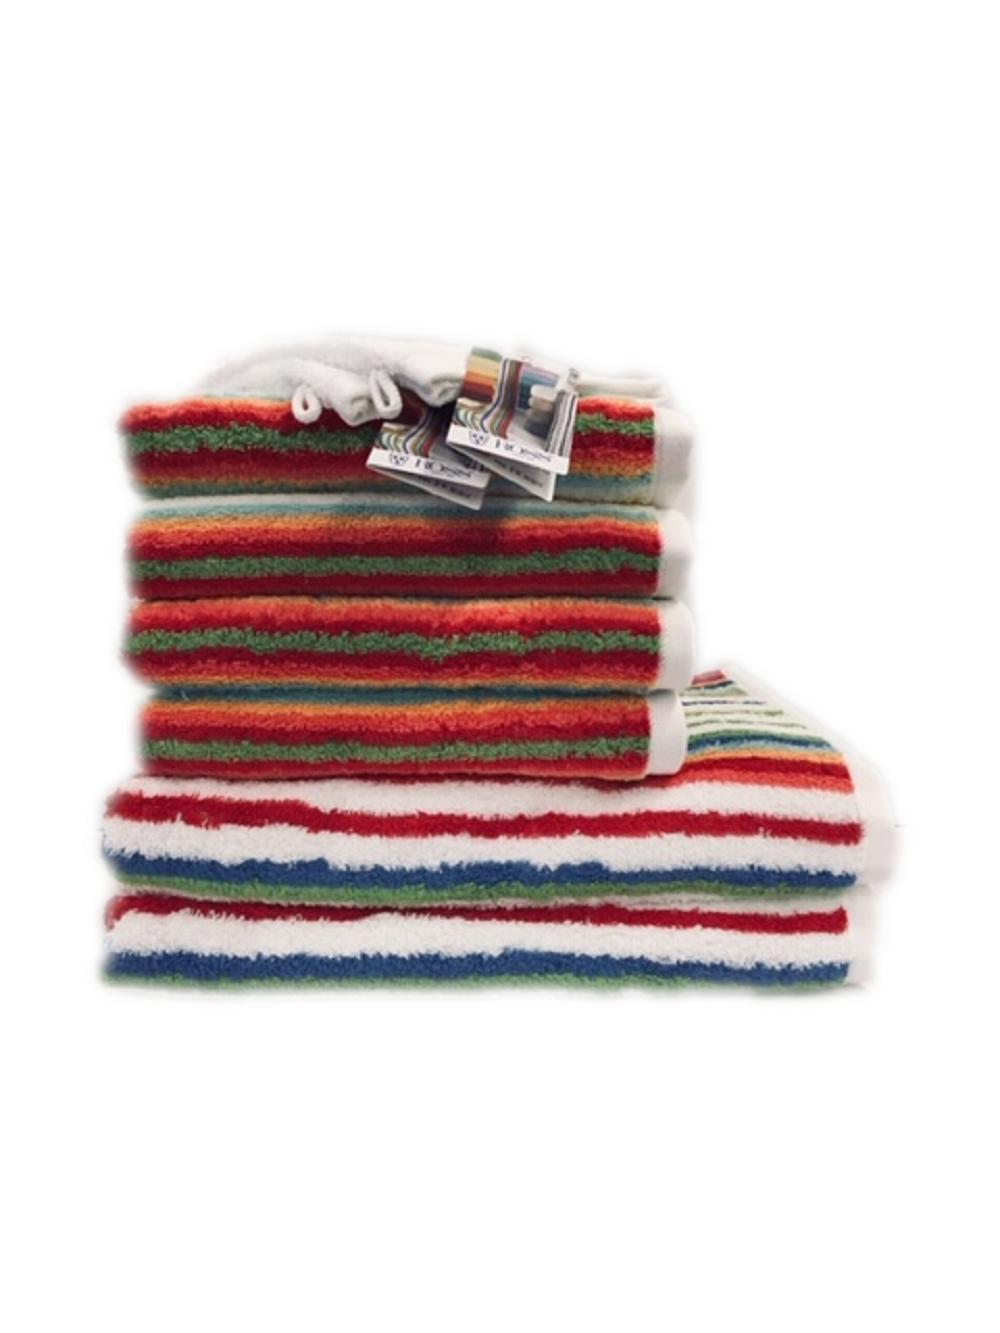 Angebot Ross Handtuchset 4014-01 Rot Streifen 2x Duschtuch 4x Handtuch Gratis 2x Waschhandschuh